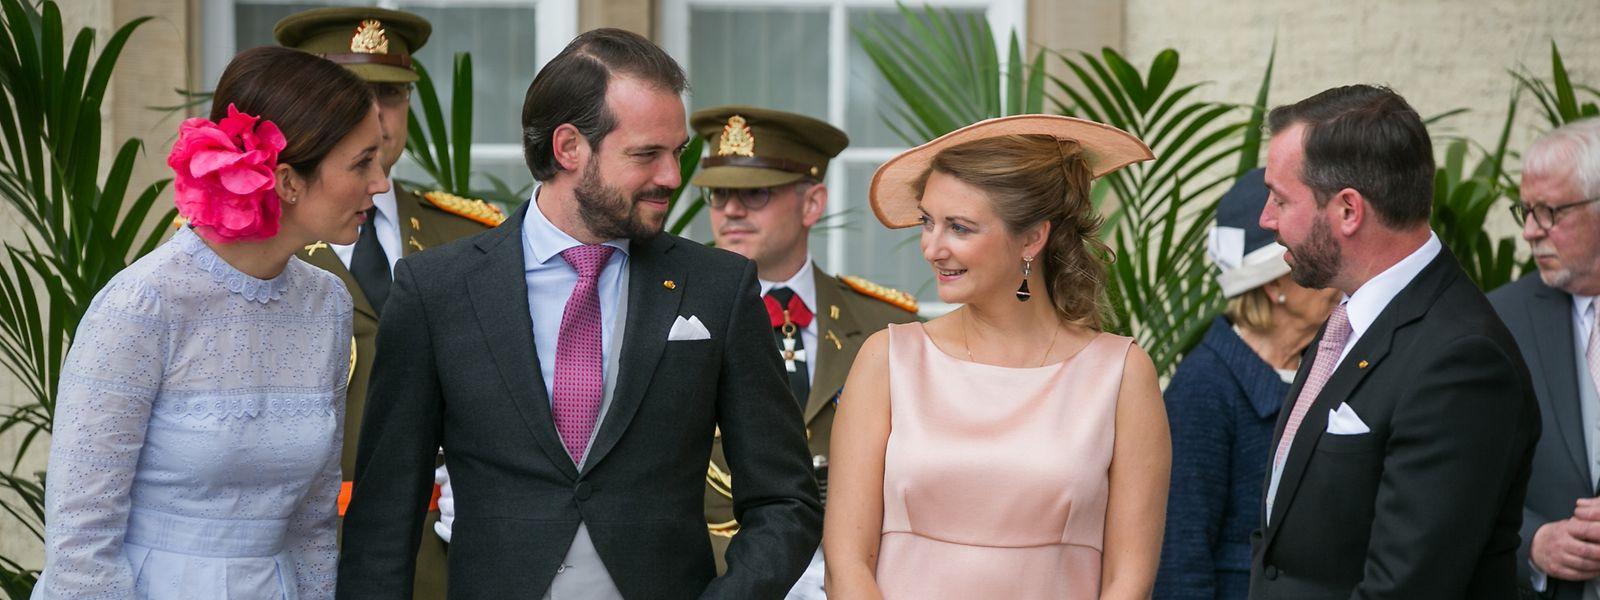 Prinzessin Claire, Prinz Félix, Erbgroßherzogin Stéphanie und Erbgroßherzog Guillaume tauschten sich angeregt aus.